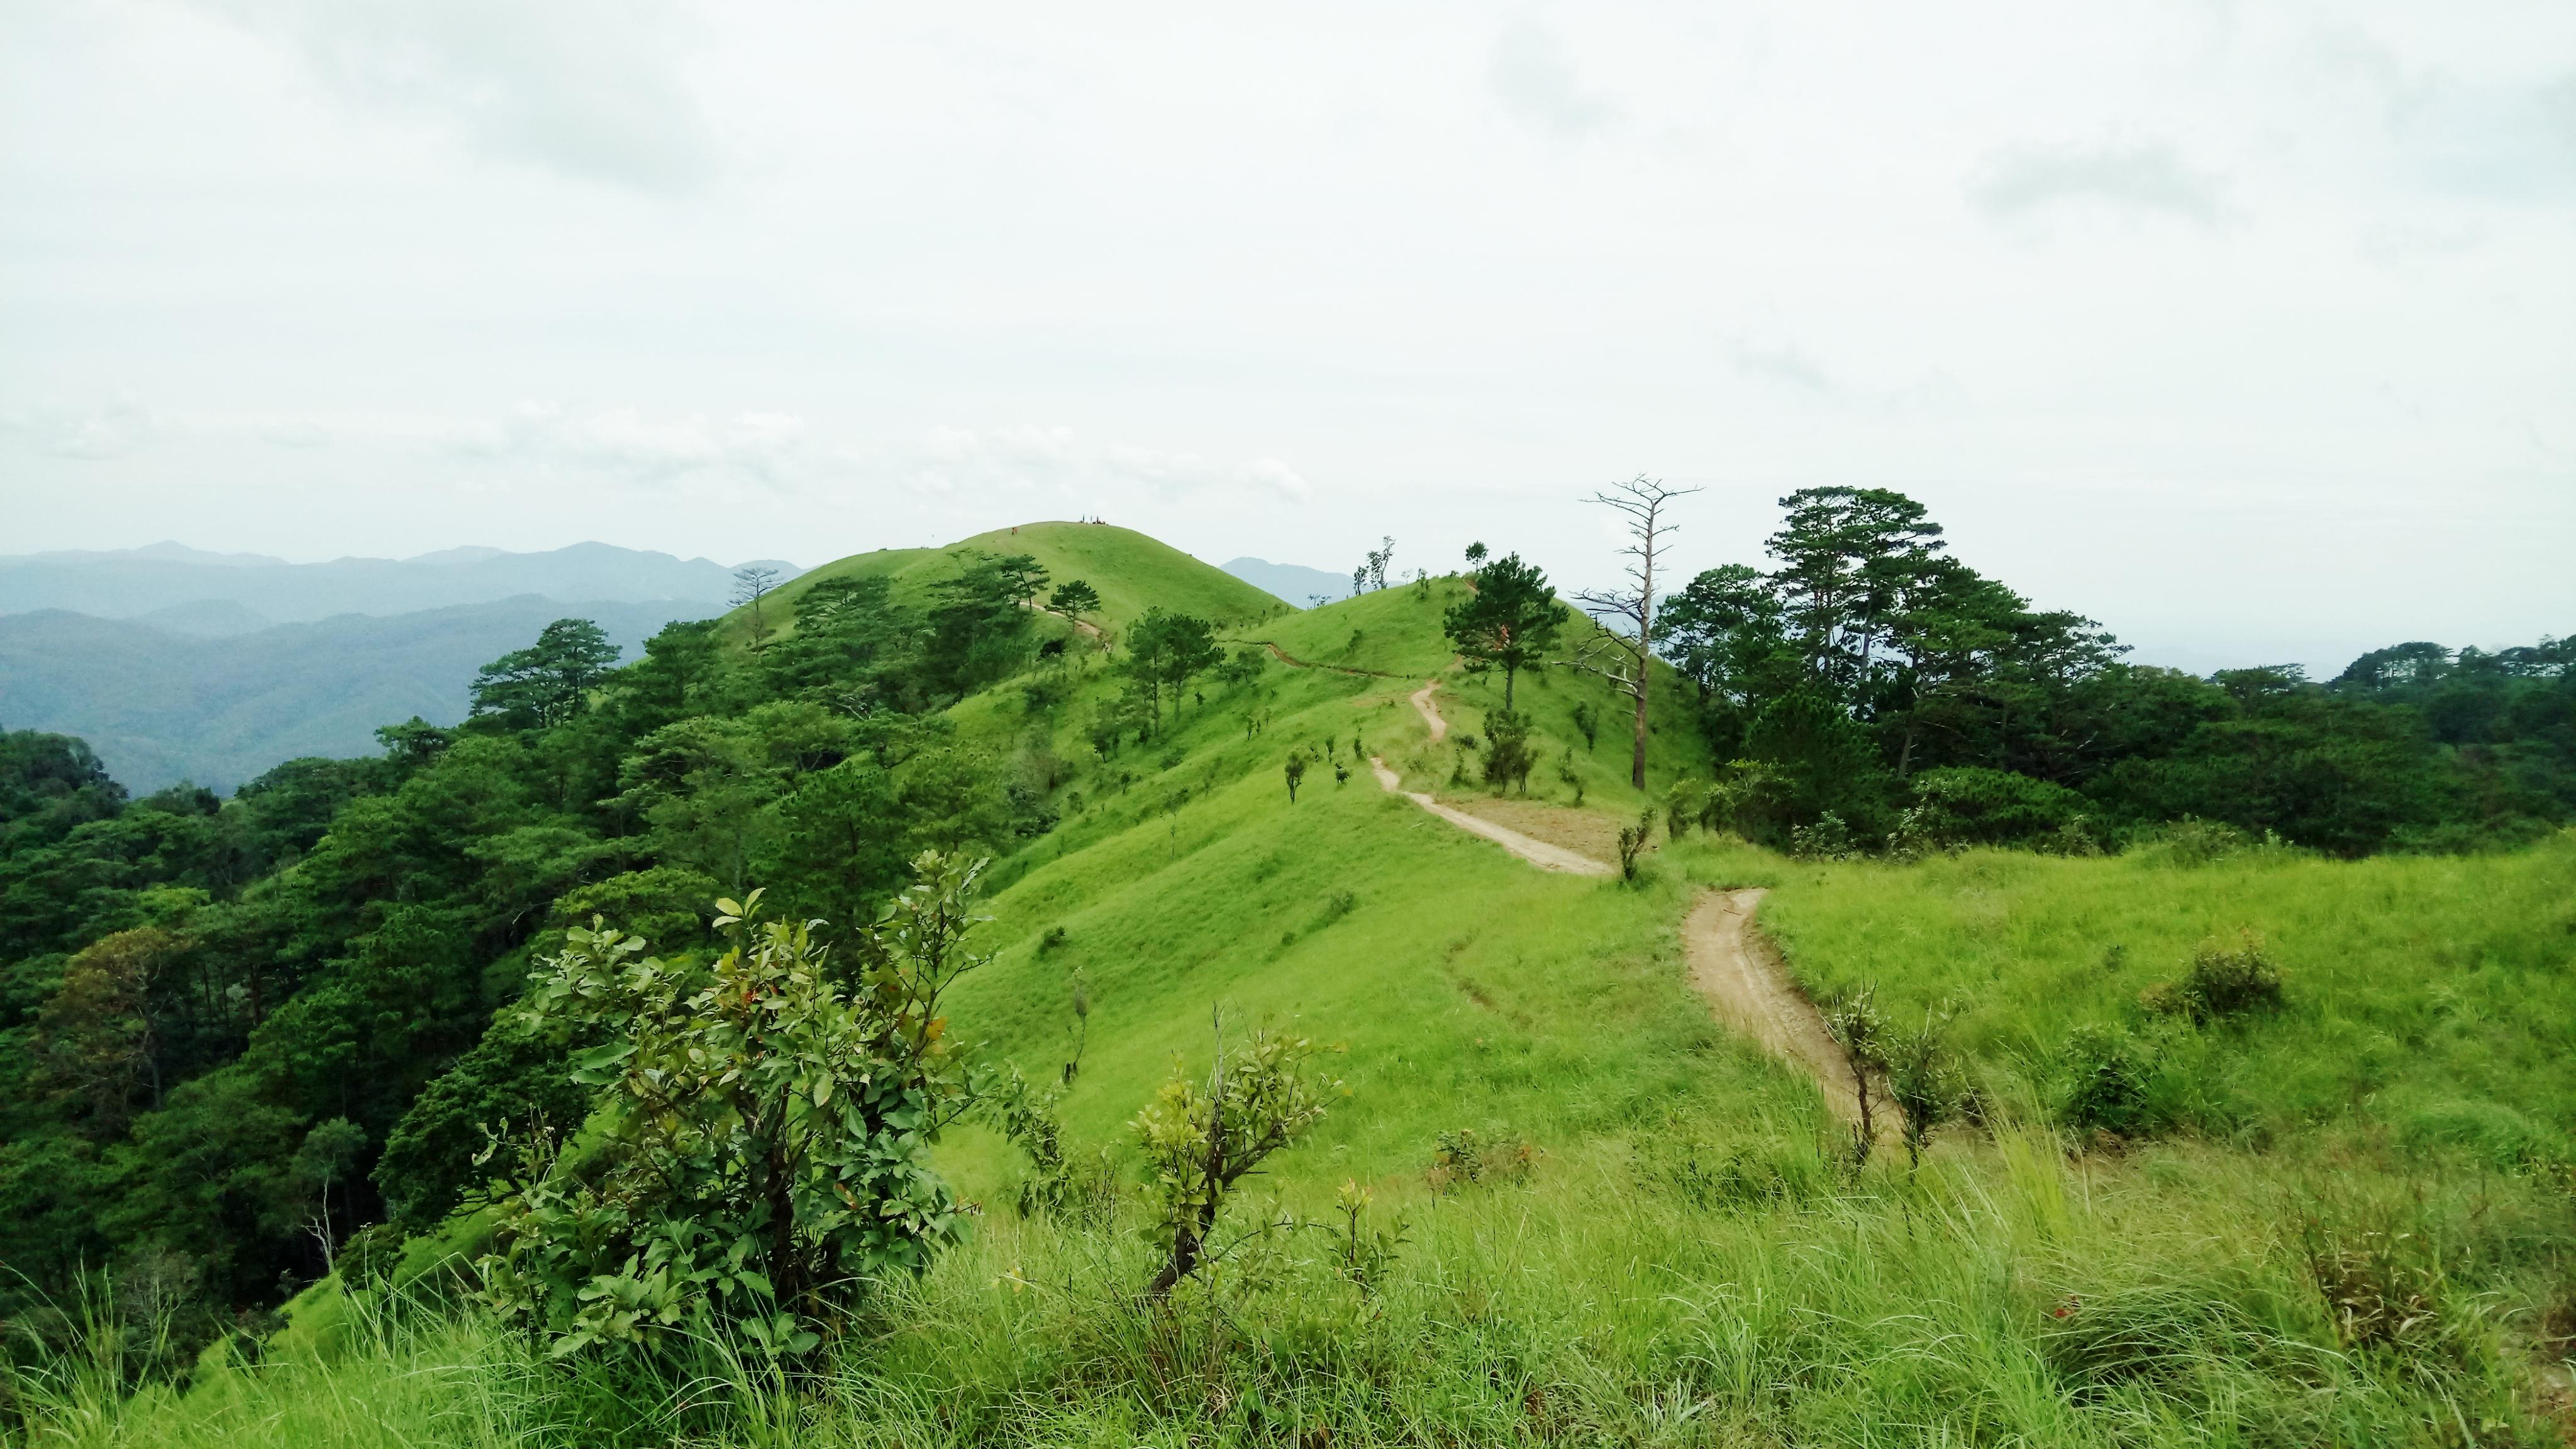 Hướng dẫn trekking Tà Năng Phan Dũng